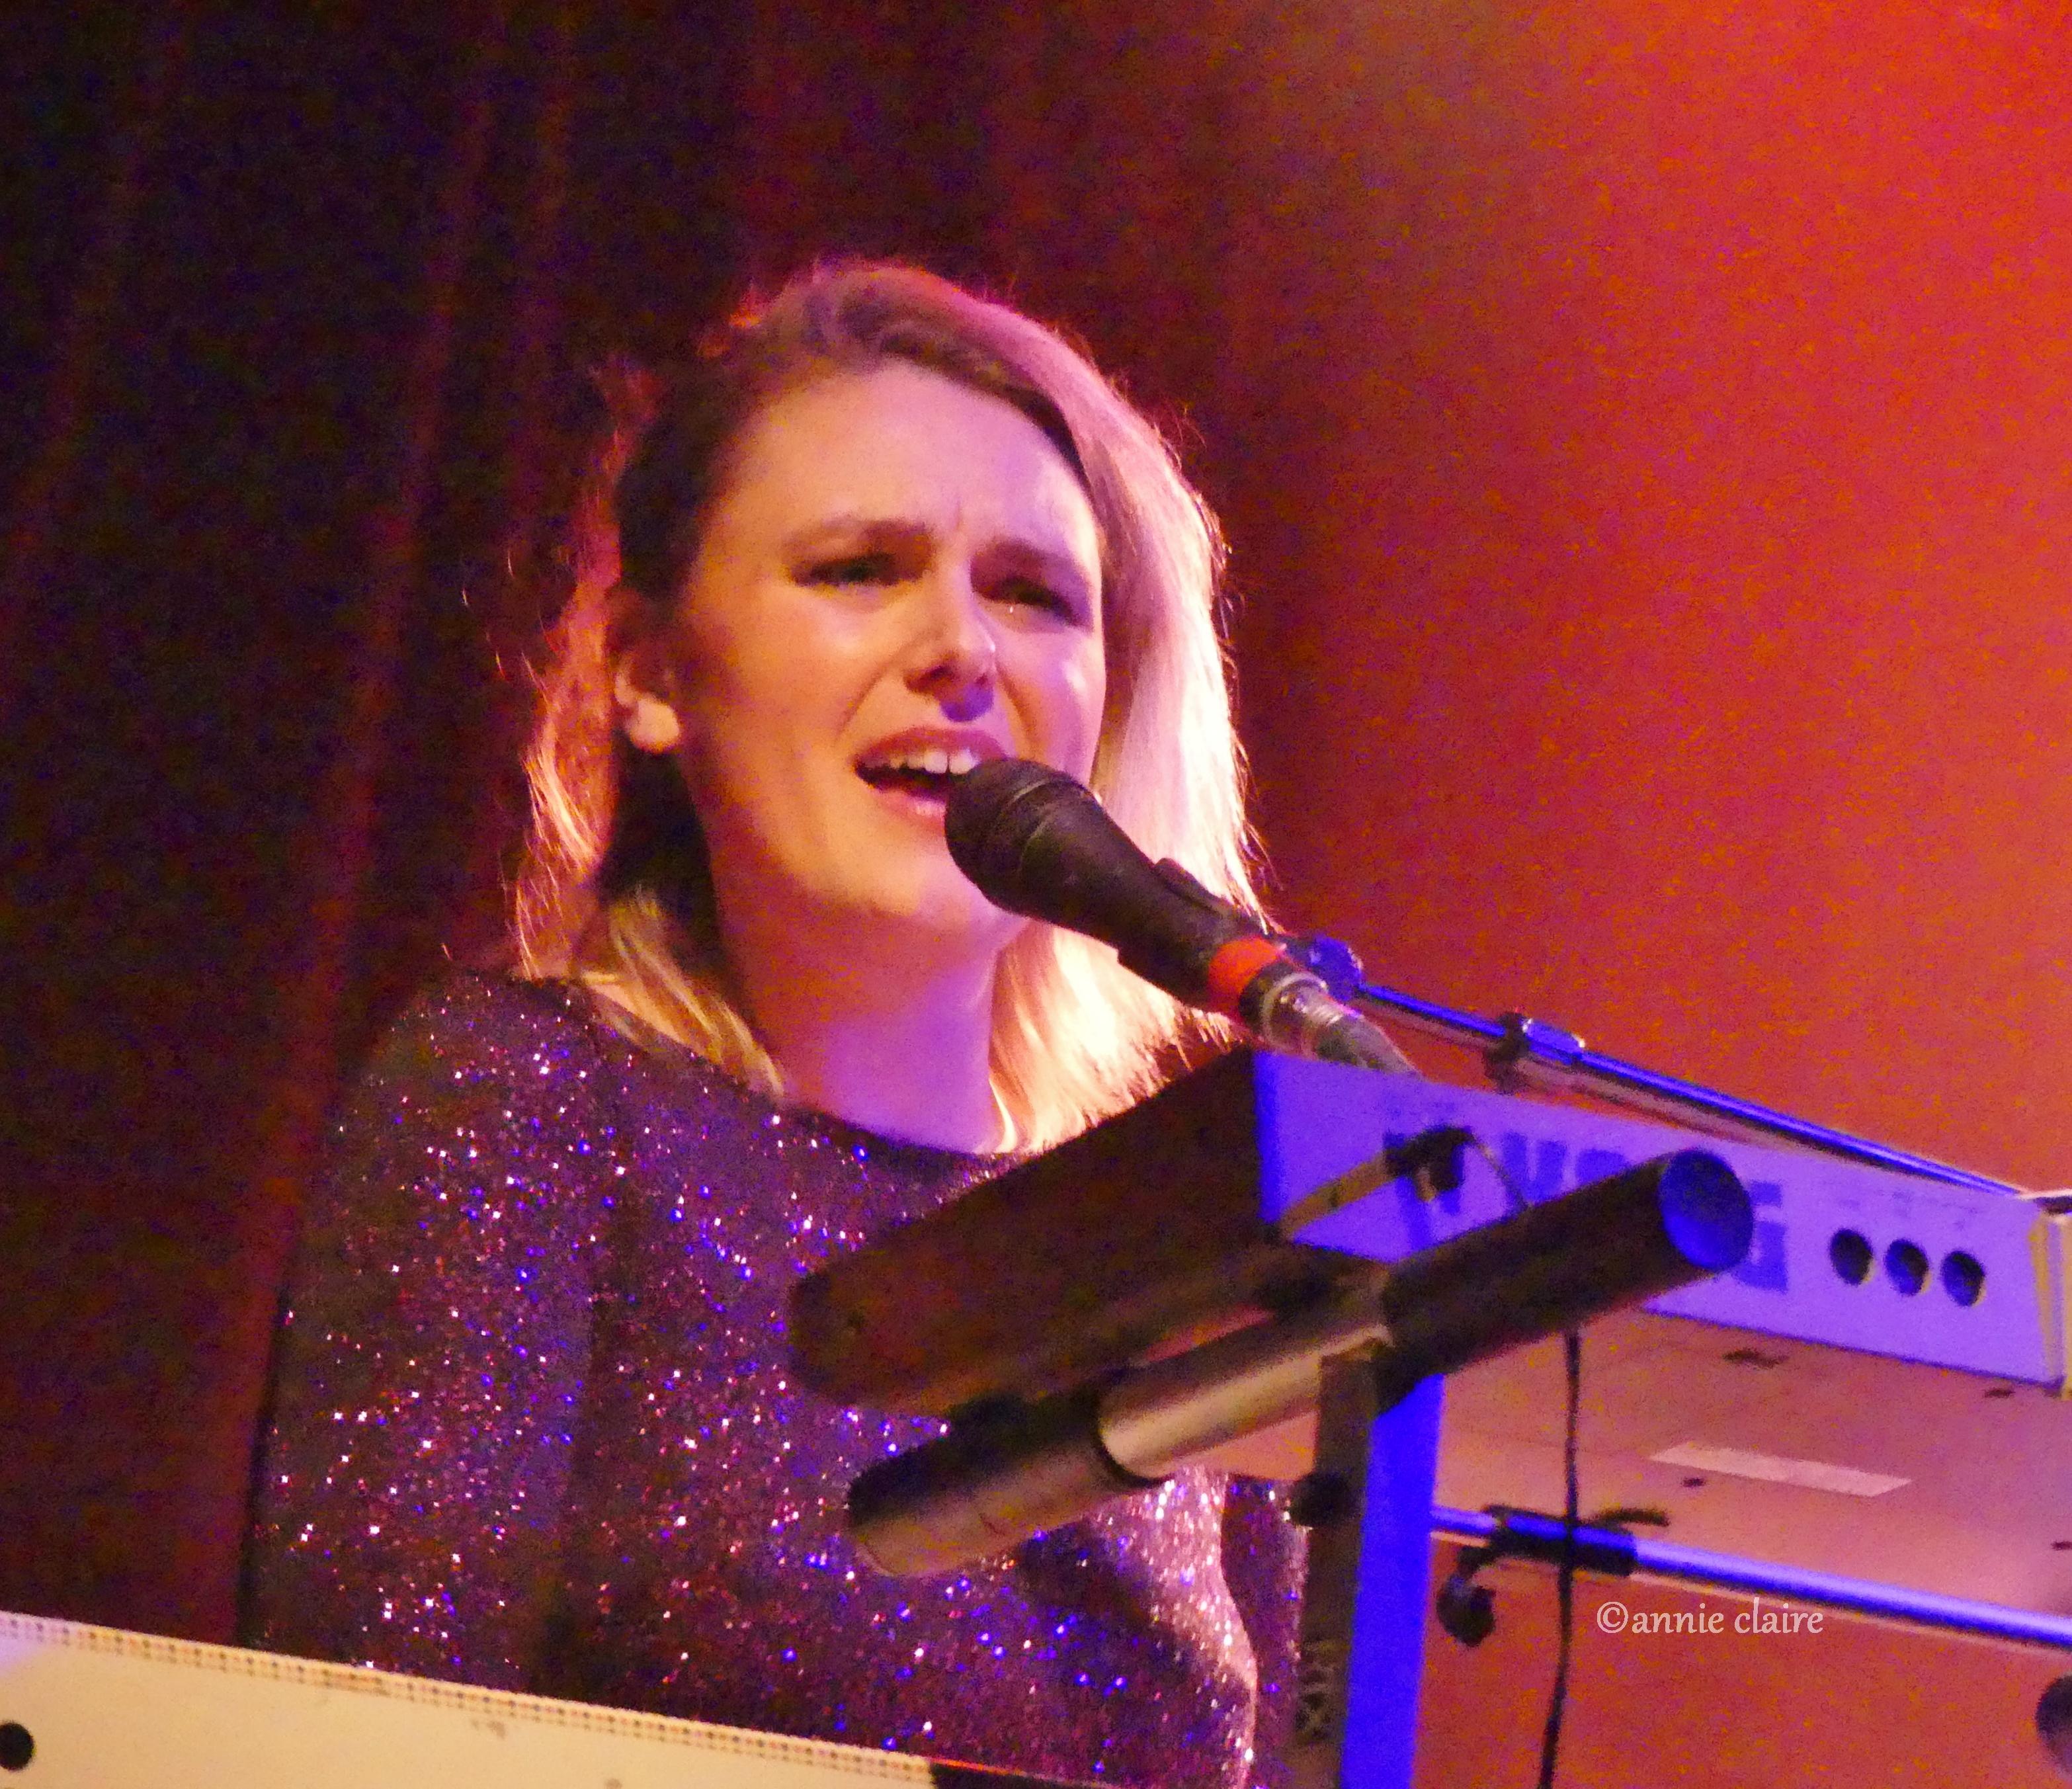 Rosie Marie Photo ©annie claire